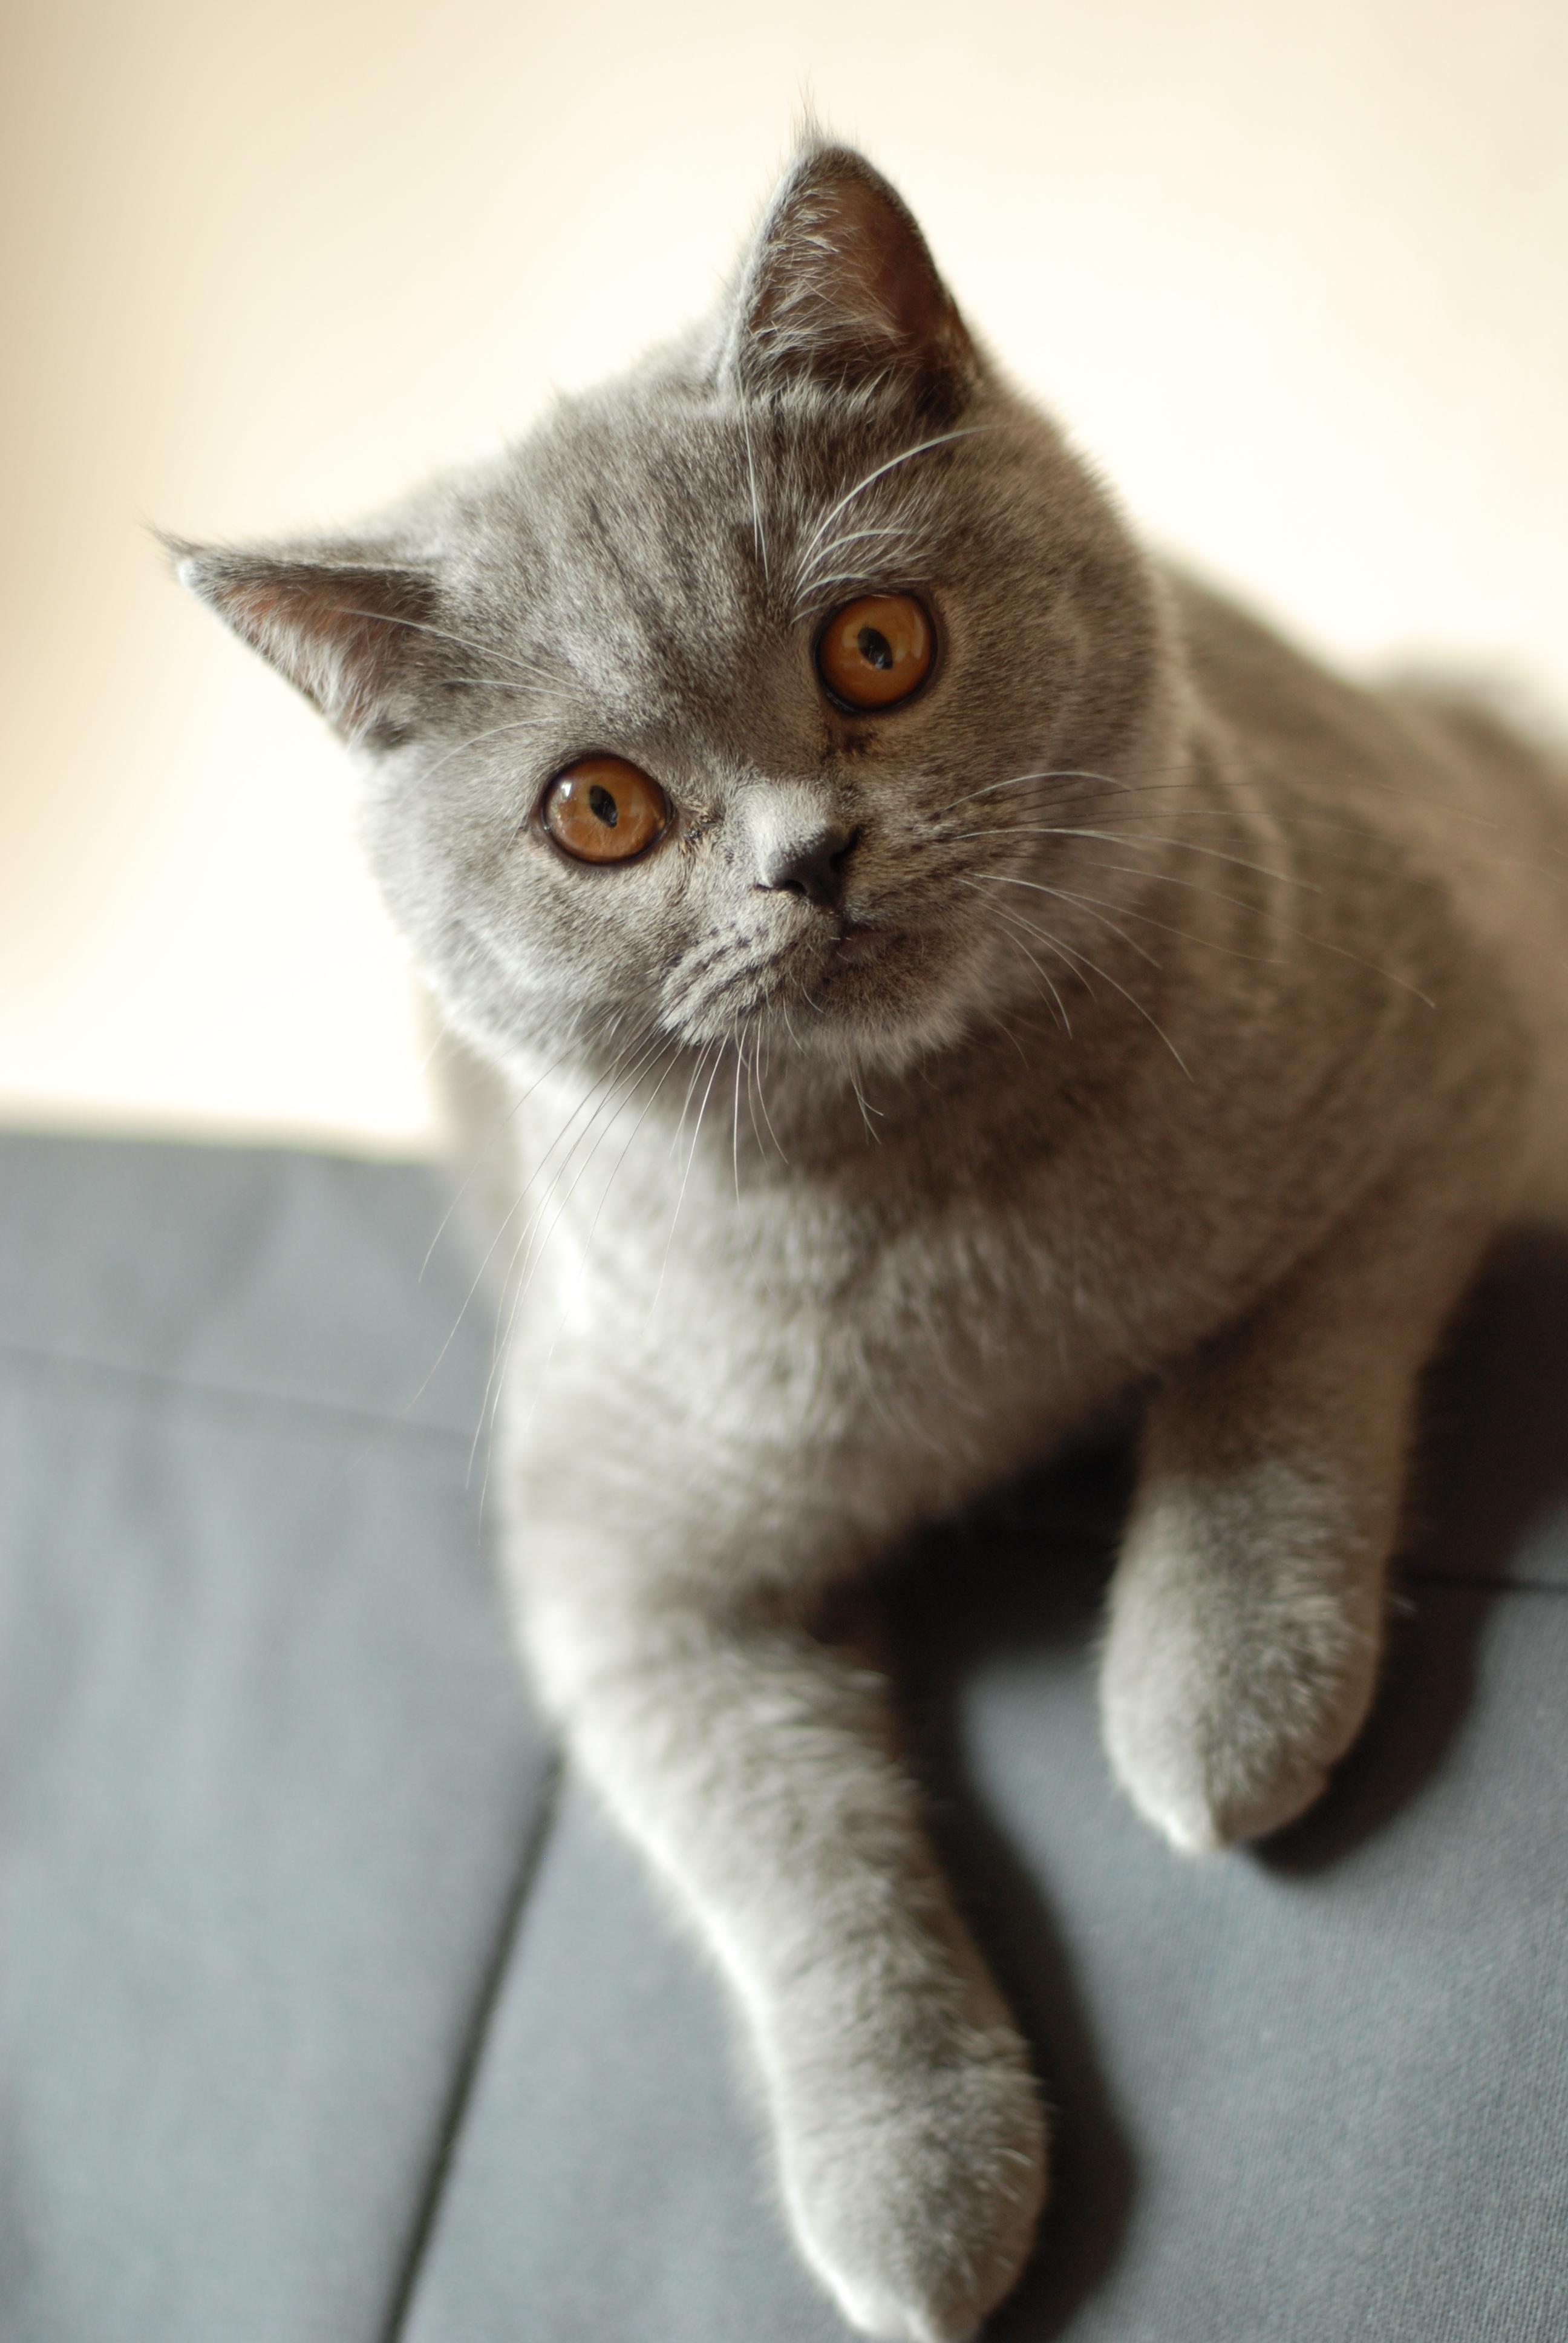 Free sweet animal pet coat feline whiskers